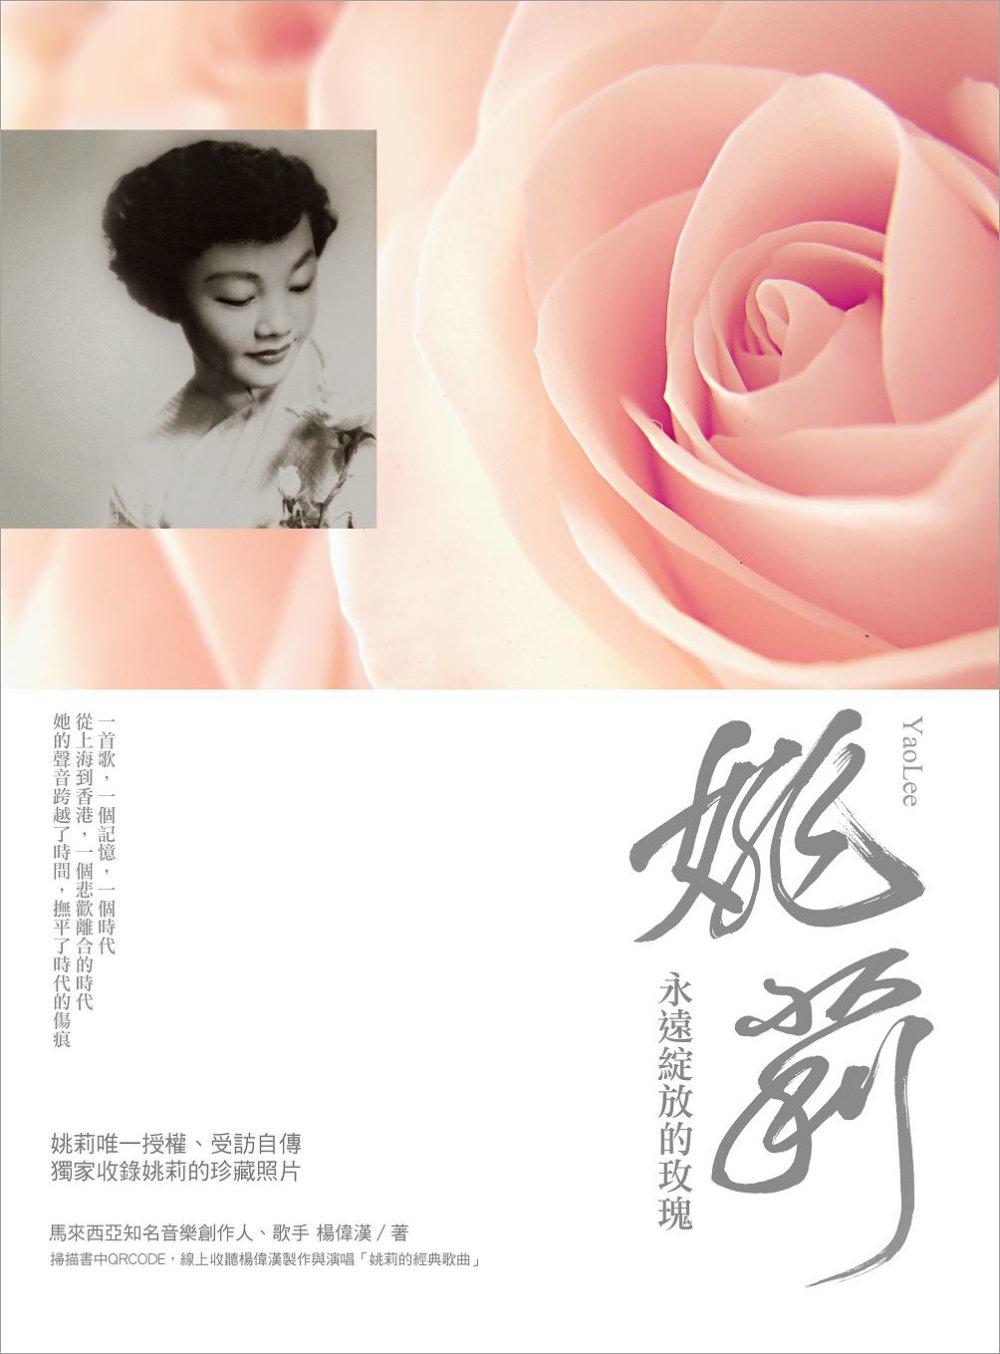 姚莉:永遠綻放的玫瑰